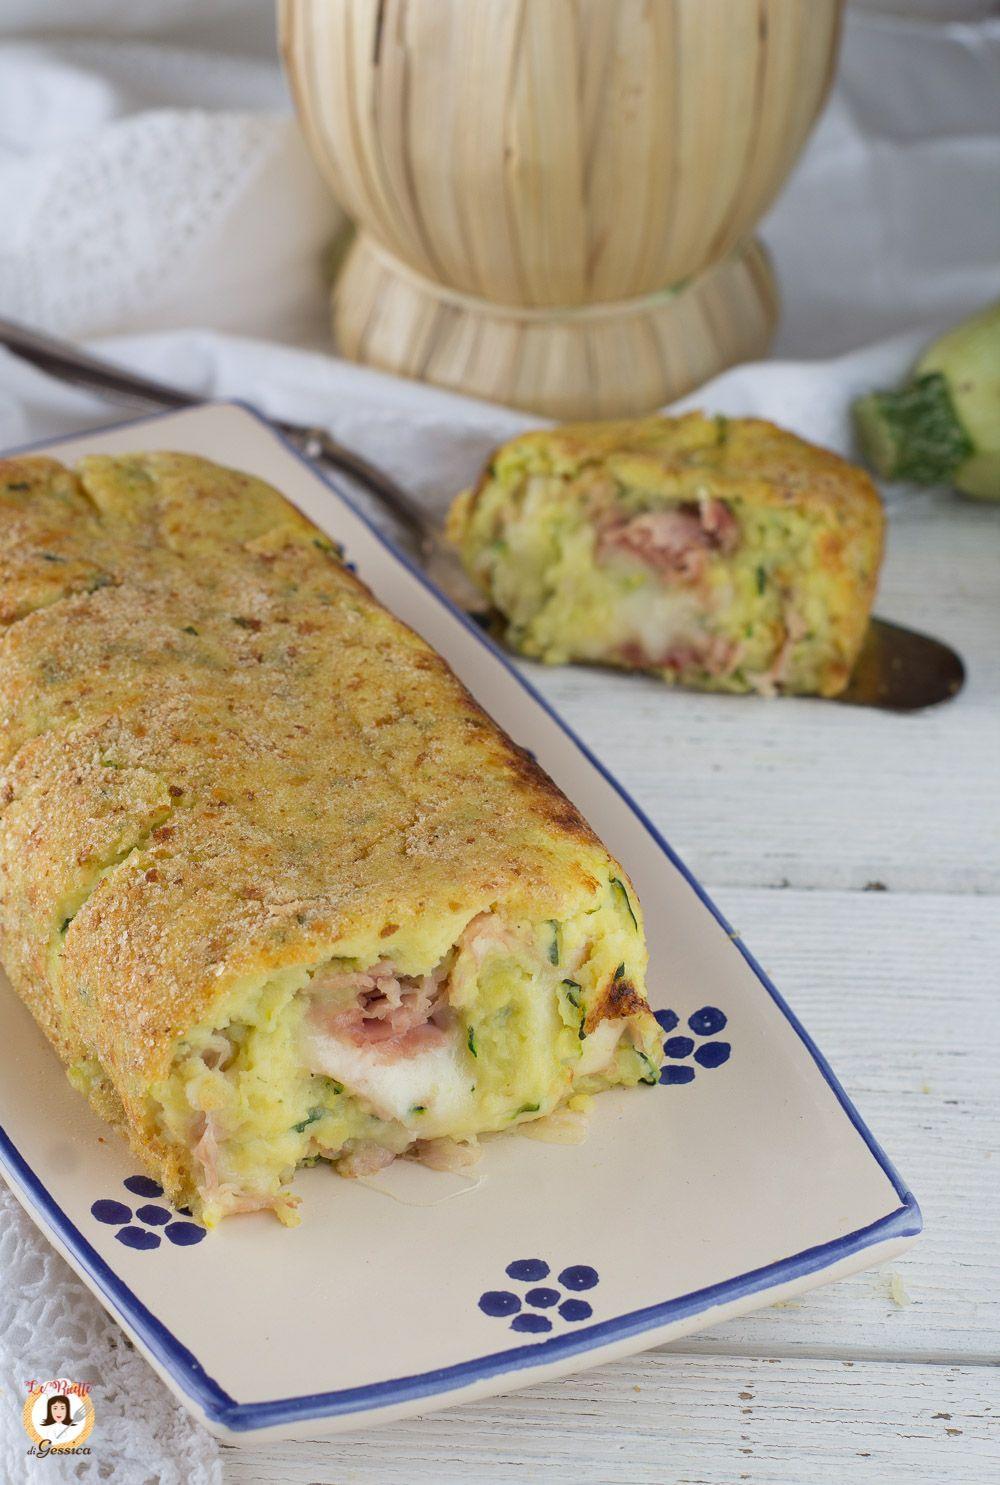 16f27399329942ba9cf779fe8d1e6900 - Ricette Con Zucchine E Patate